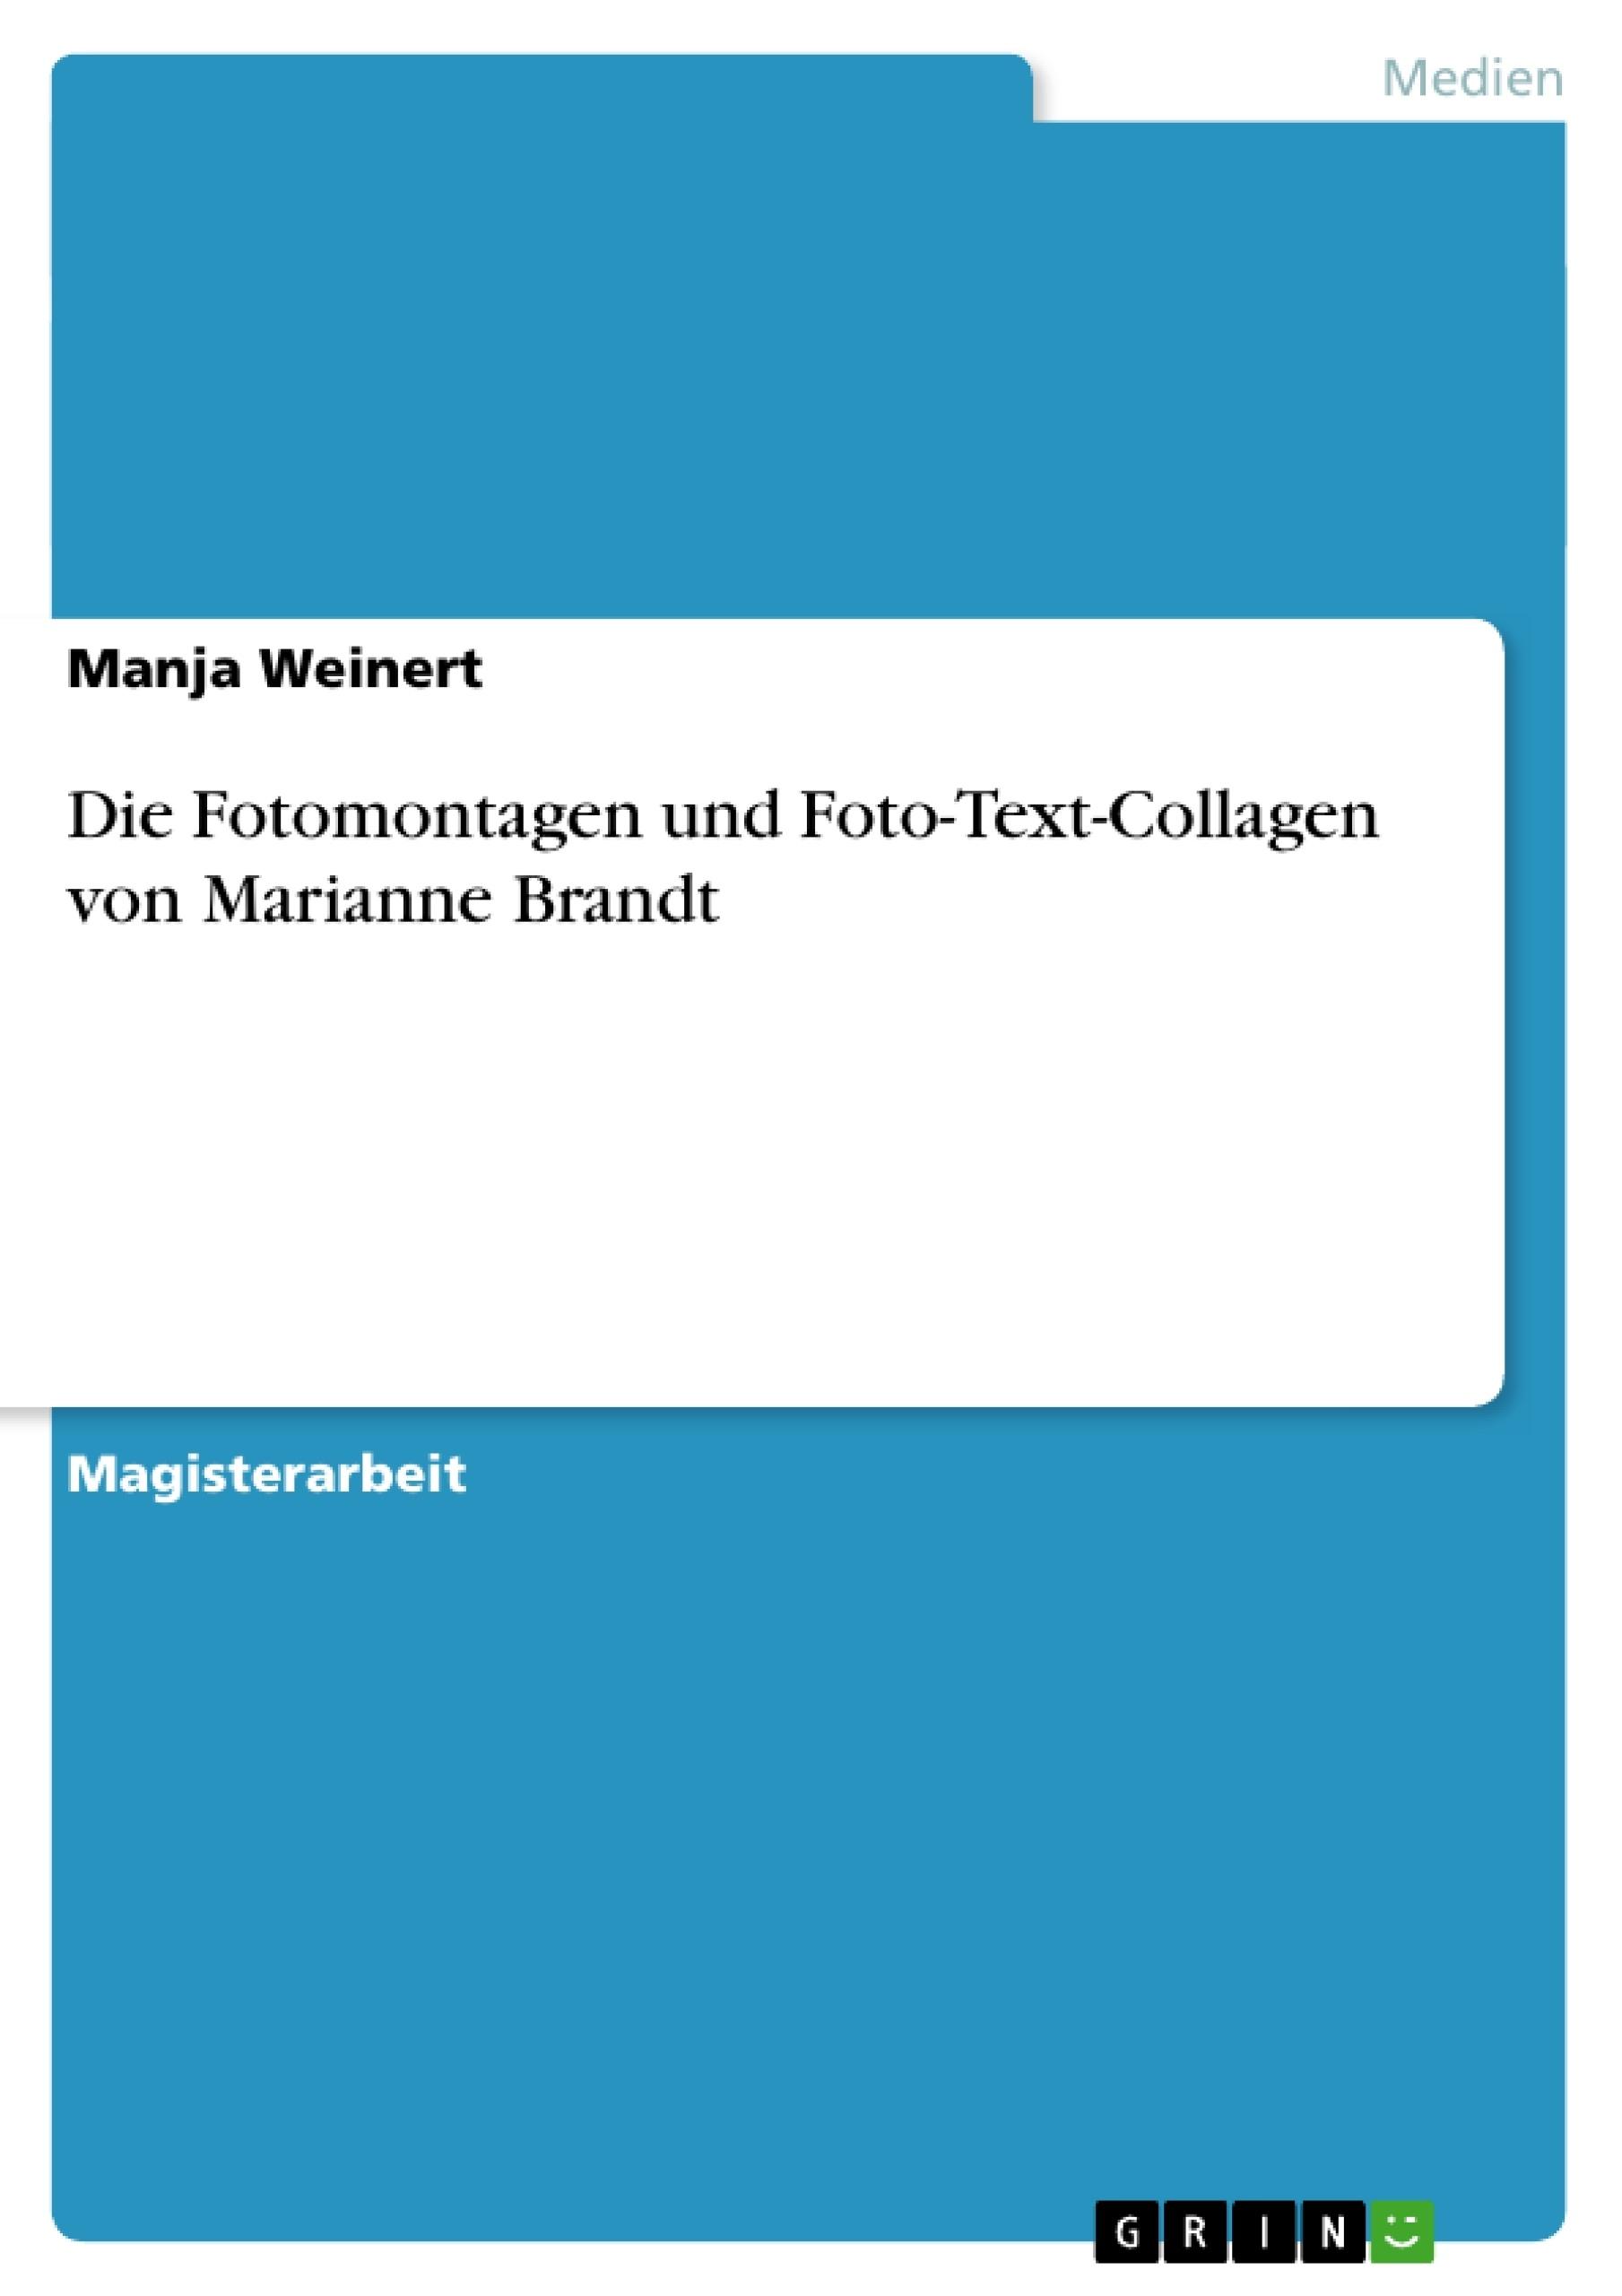 Titel: Die Fotomontagen und Foto-Text-Collagen von Marianne Brandt